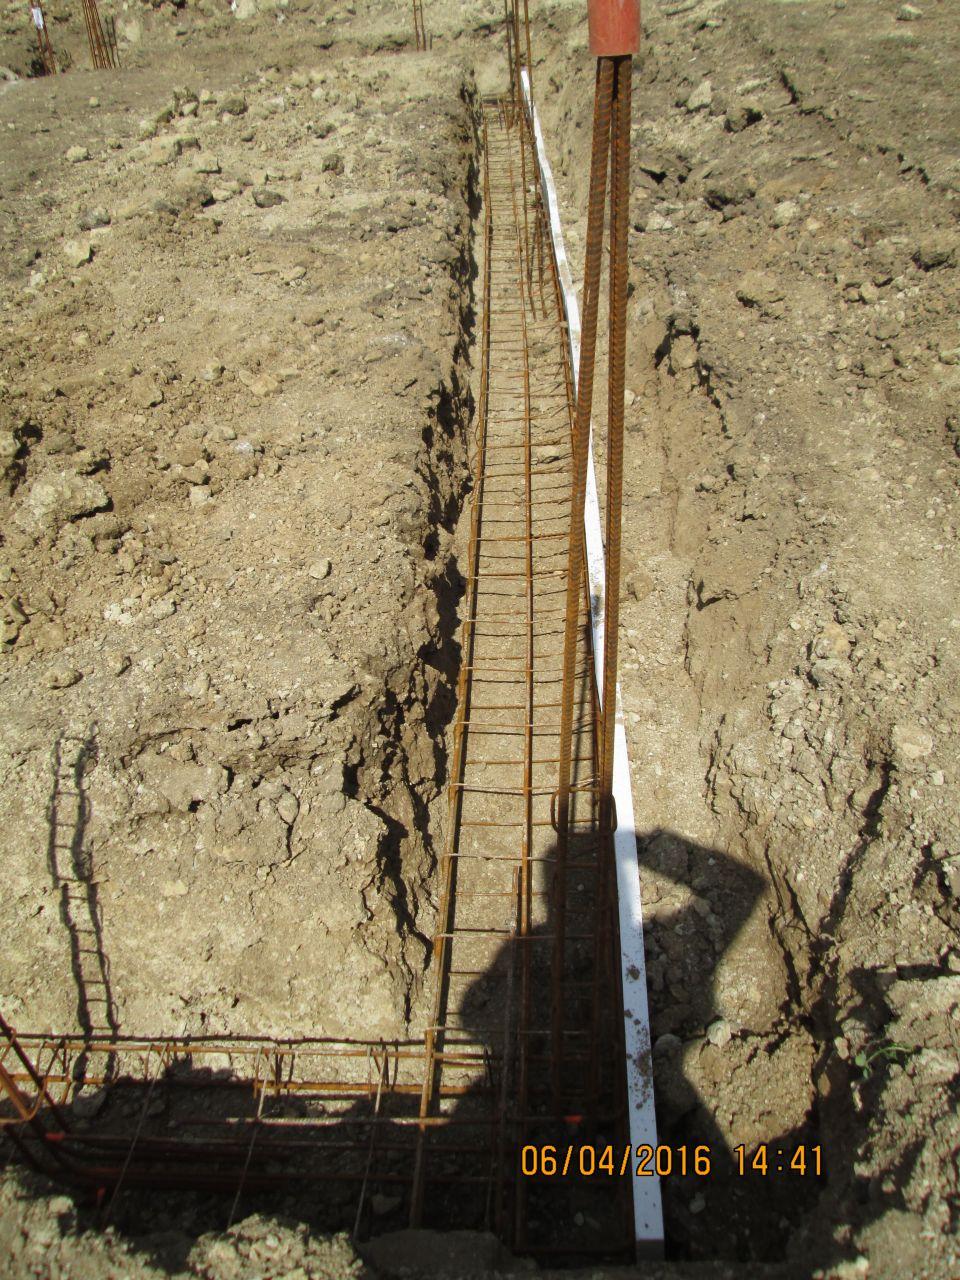 Ferraillage fondations + plaque polystirene (notez l'effort réalisé pour avoir des fondations droites...)